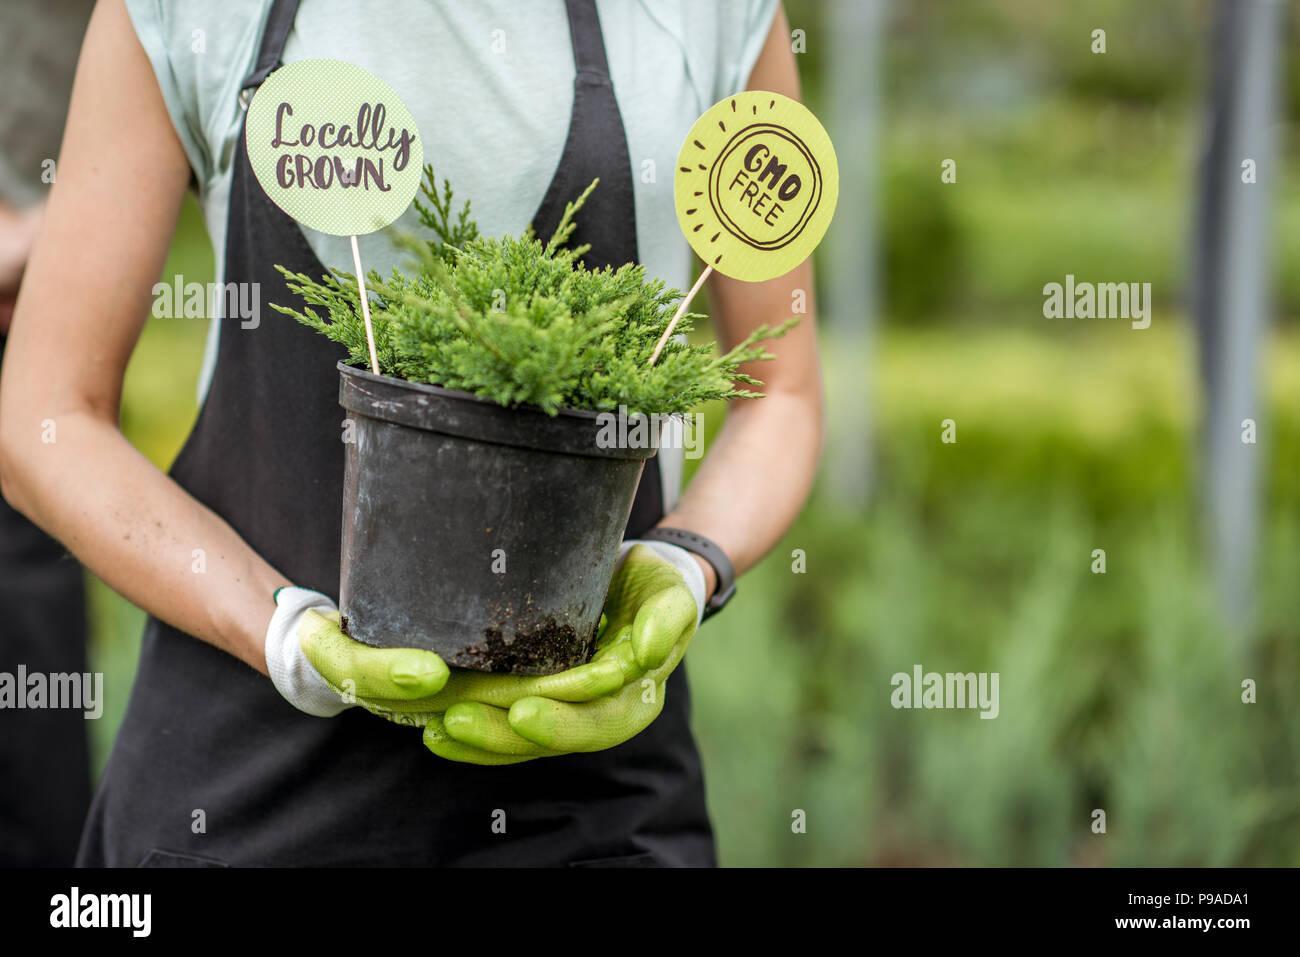 Holding conifer bush - Stock Image